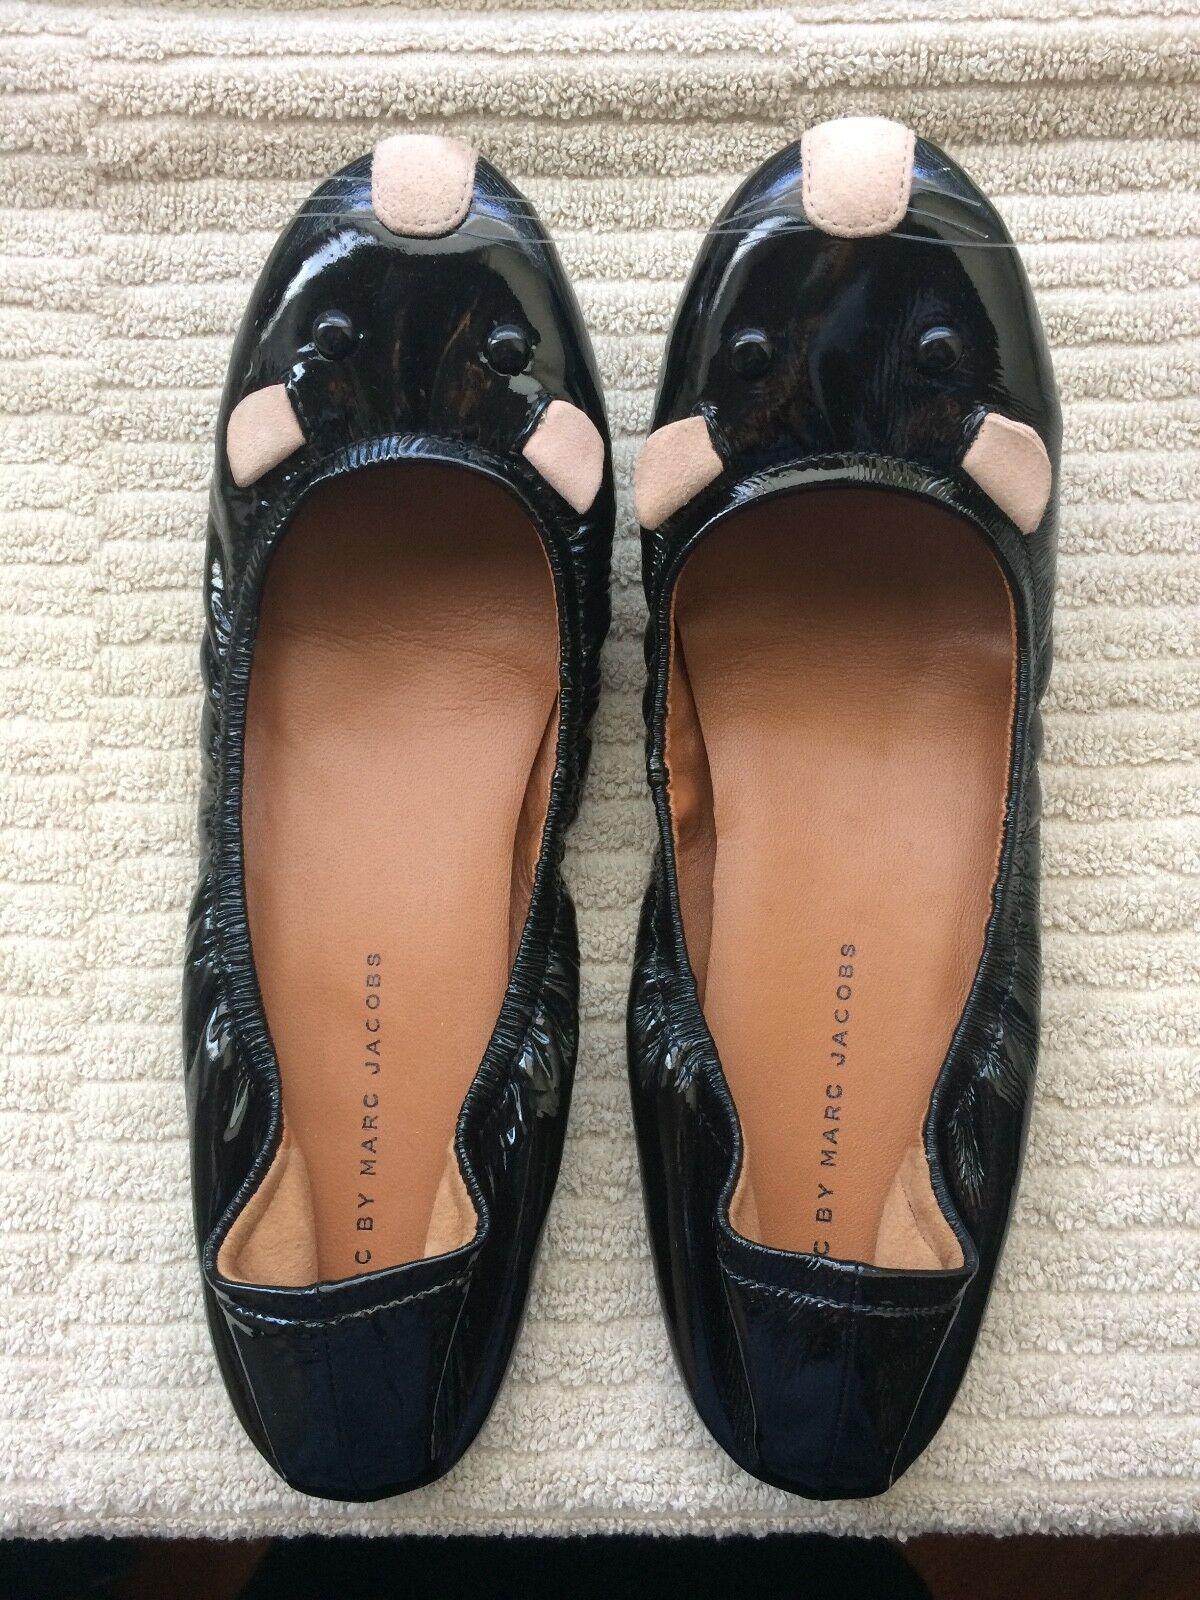 Marc By Marc Jacobs Charol Negro Lindo ratones Bailarina Zapatos Zapatos Zapatos sin Taco pegadizo  Sin impuestos